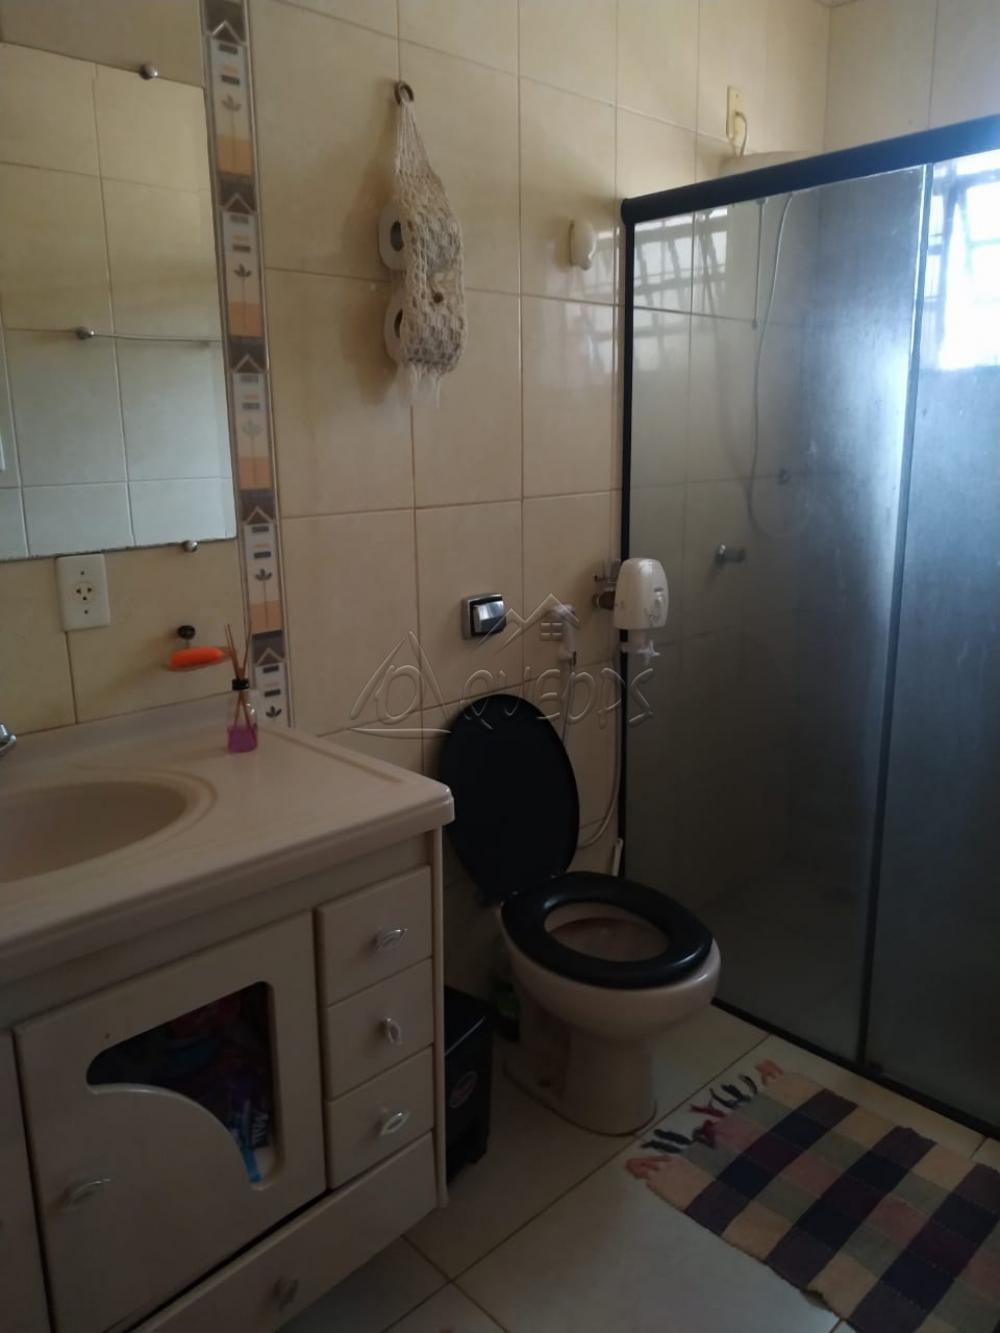 Comprar Casa / Padrão em Barretos apenas R$ 270.000,00 - Foto 15